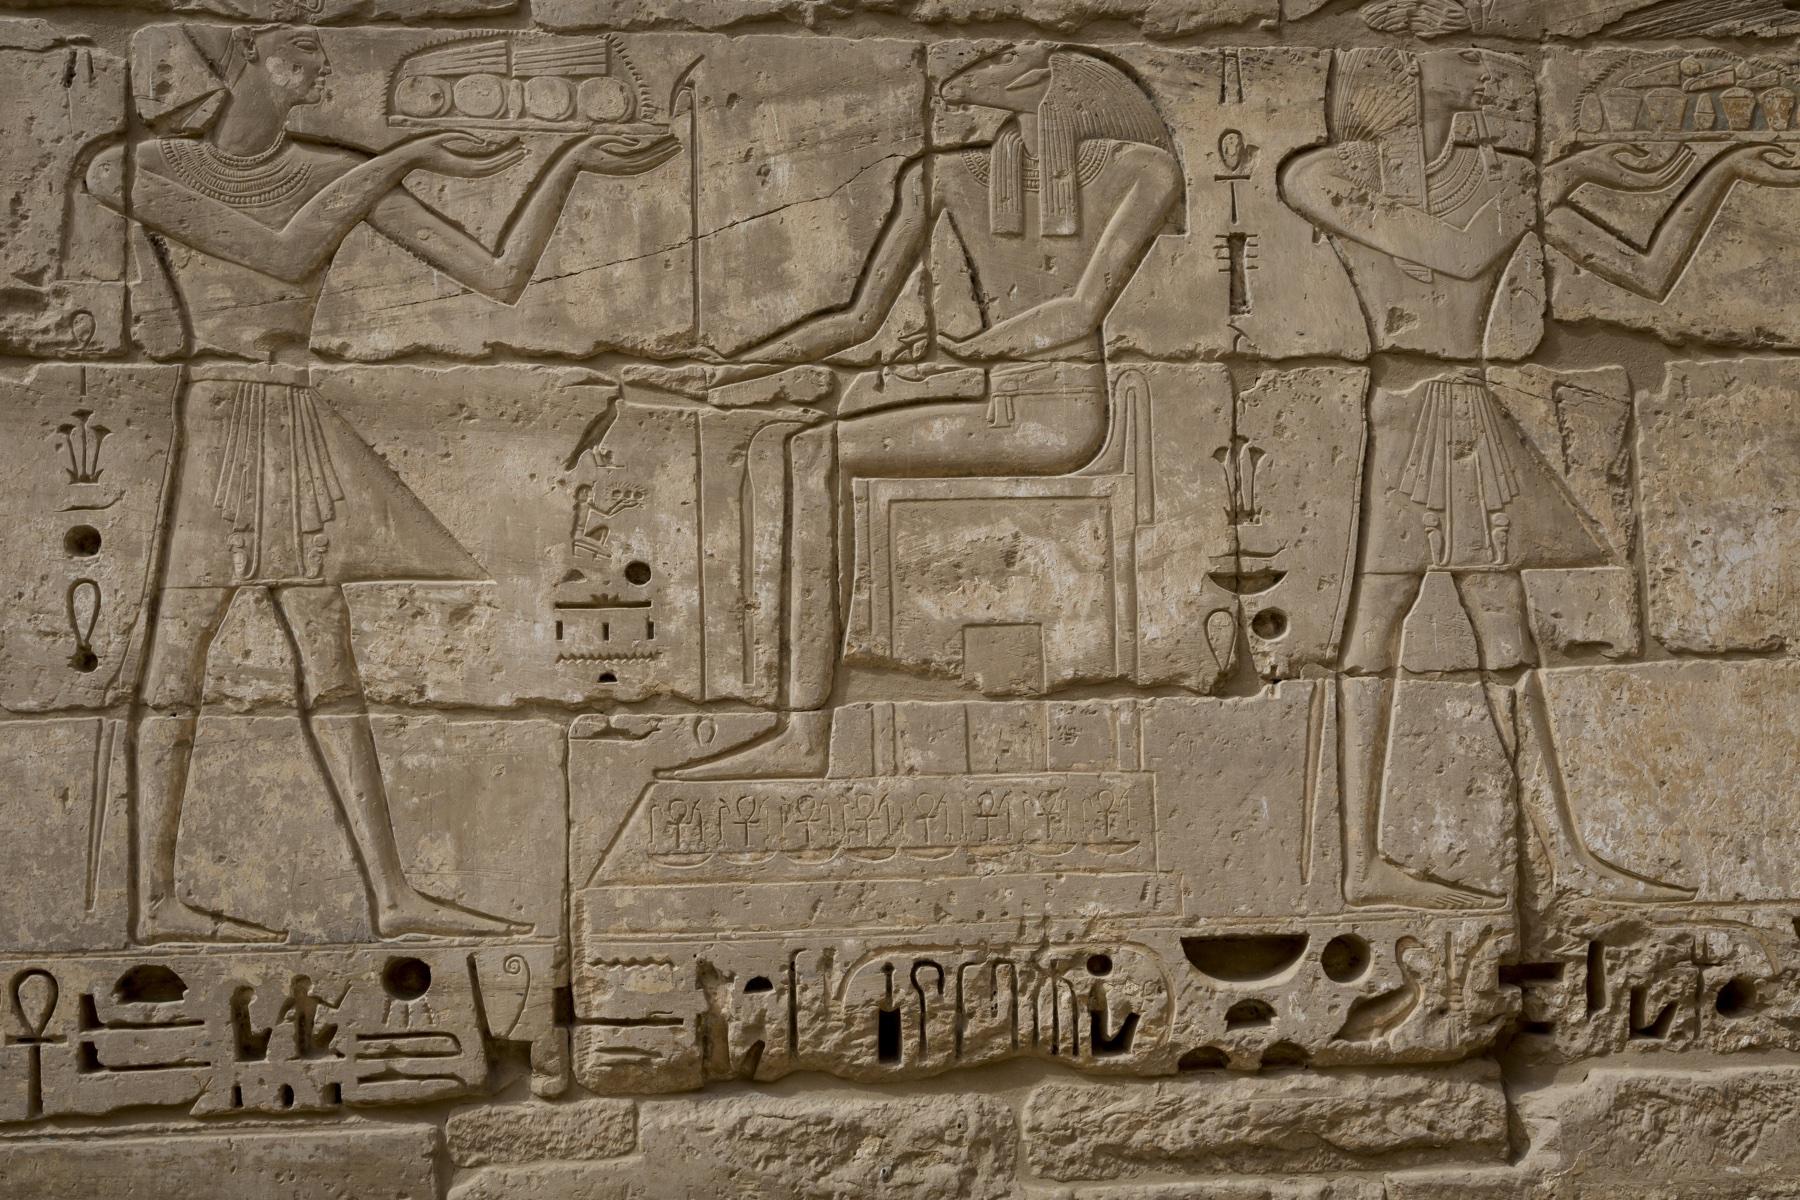 De gamle egyptere troede også, at de skulle hjælpe kroppen med at komme af med affaldsstoffer – ligesom de troede, at hvis de lagde en død persons hjerne i en skål, så fik vedkommende et godt efterliv. (Foto: All Over)